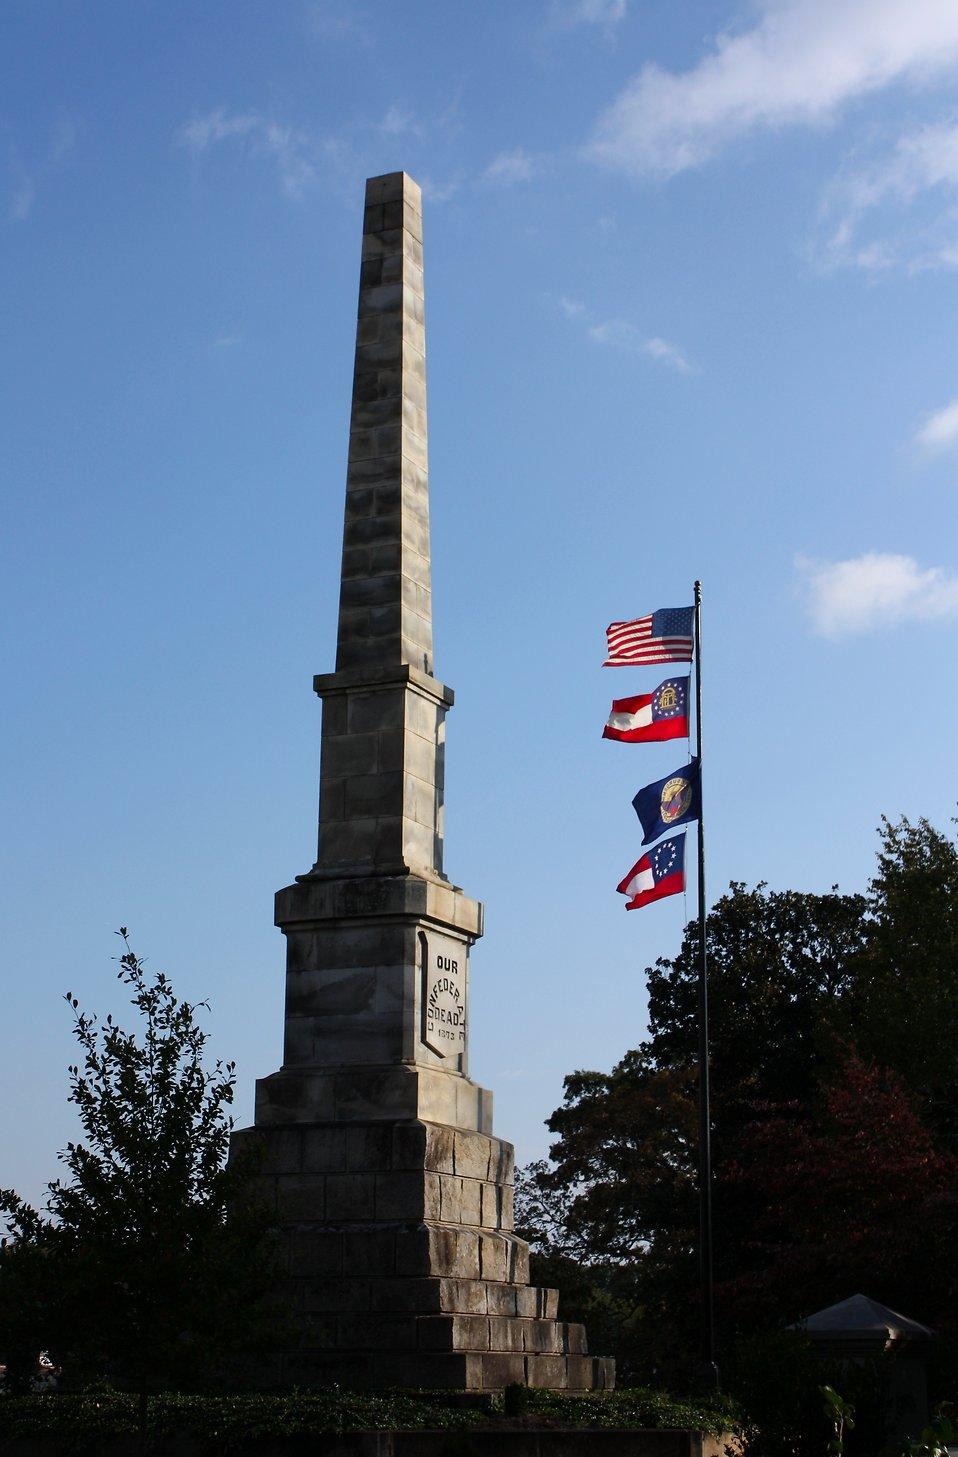 12301-the-confederate-obelisk-at-historic-oakland-cemetery-in-atlanta-georgia-pv